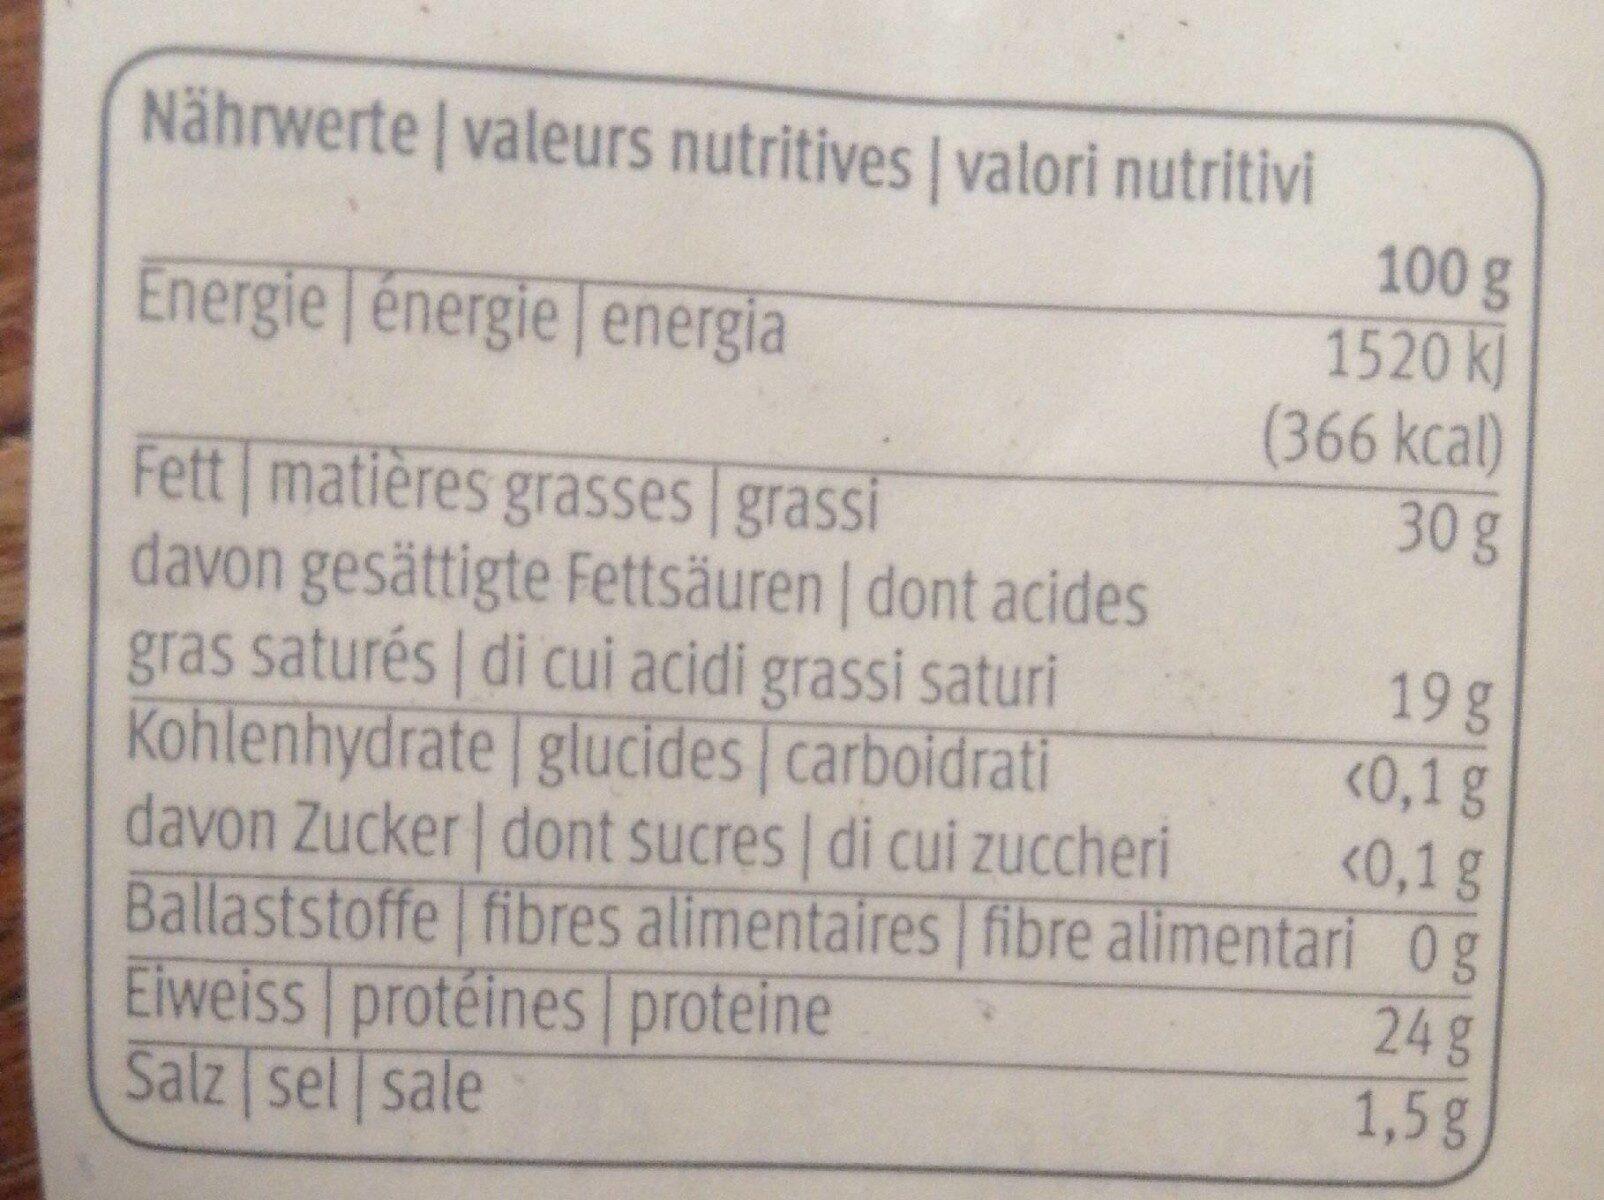 Vacherin fribourgeois AOP doux - Voedingswaarden - fr